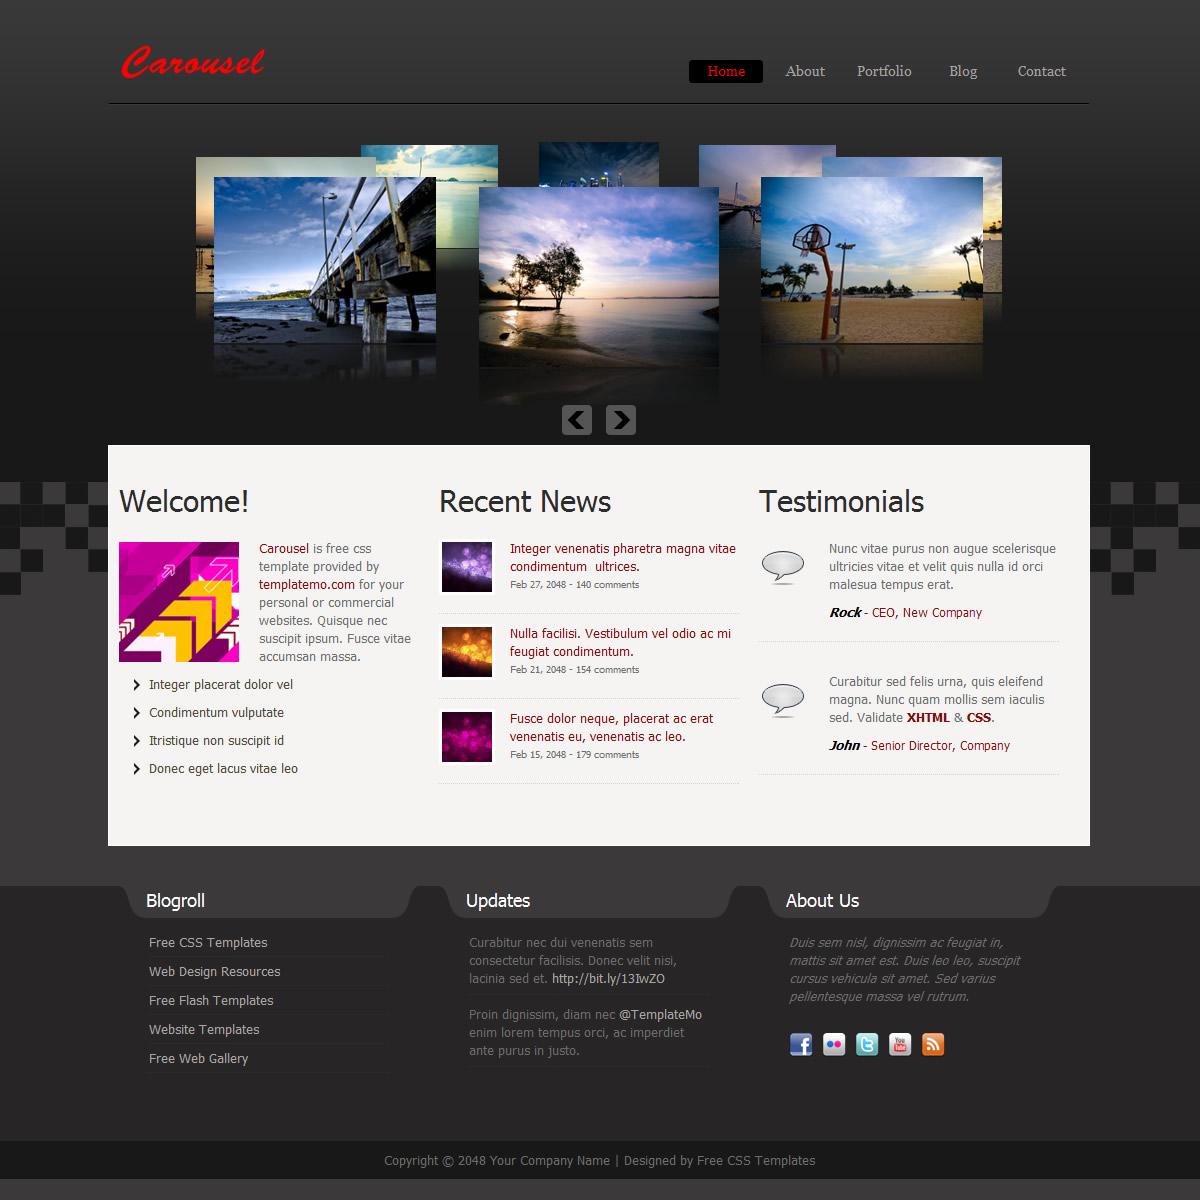 3-column website templates